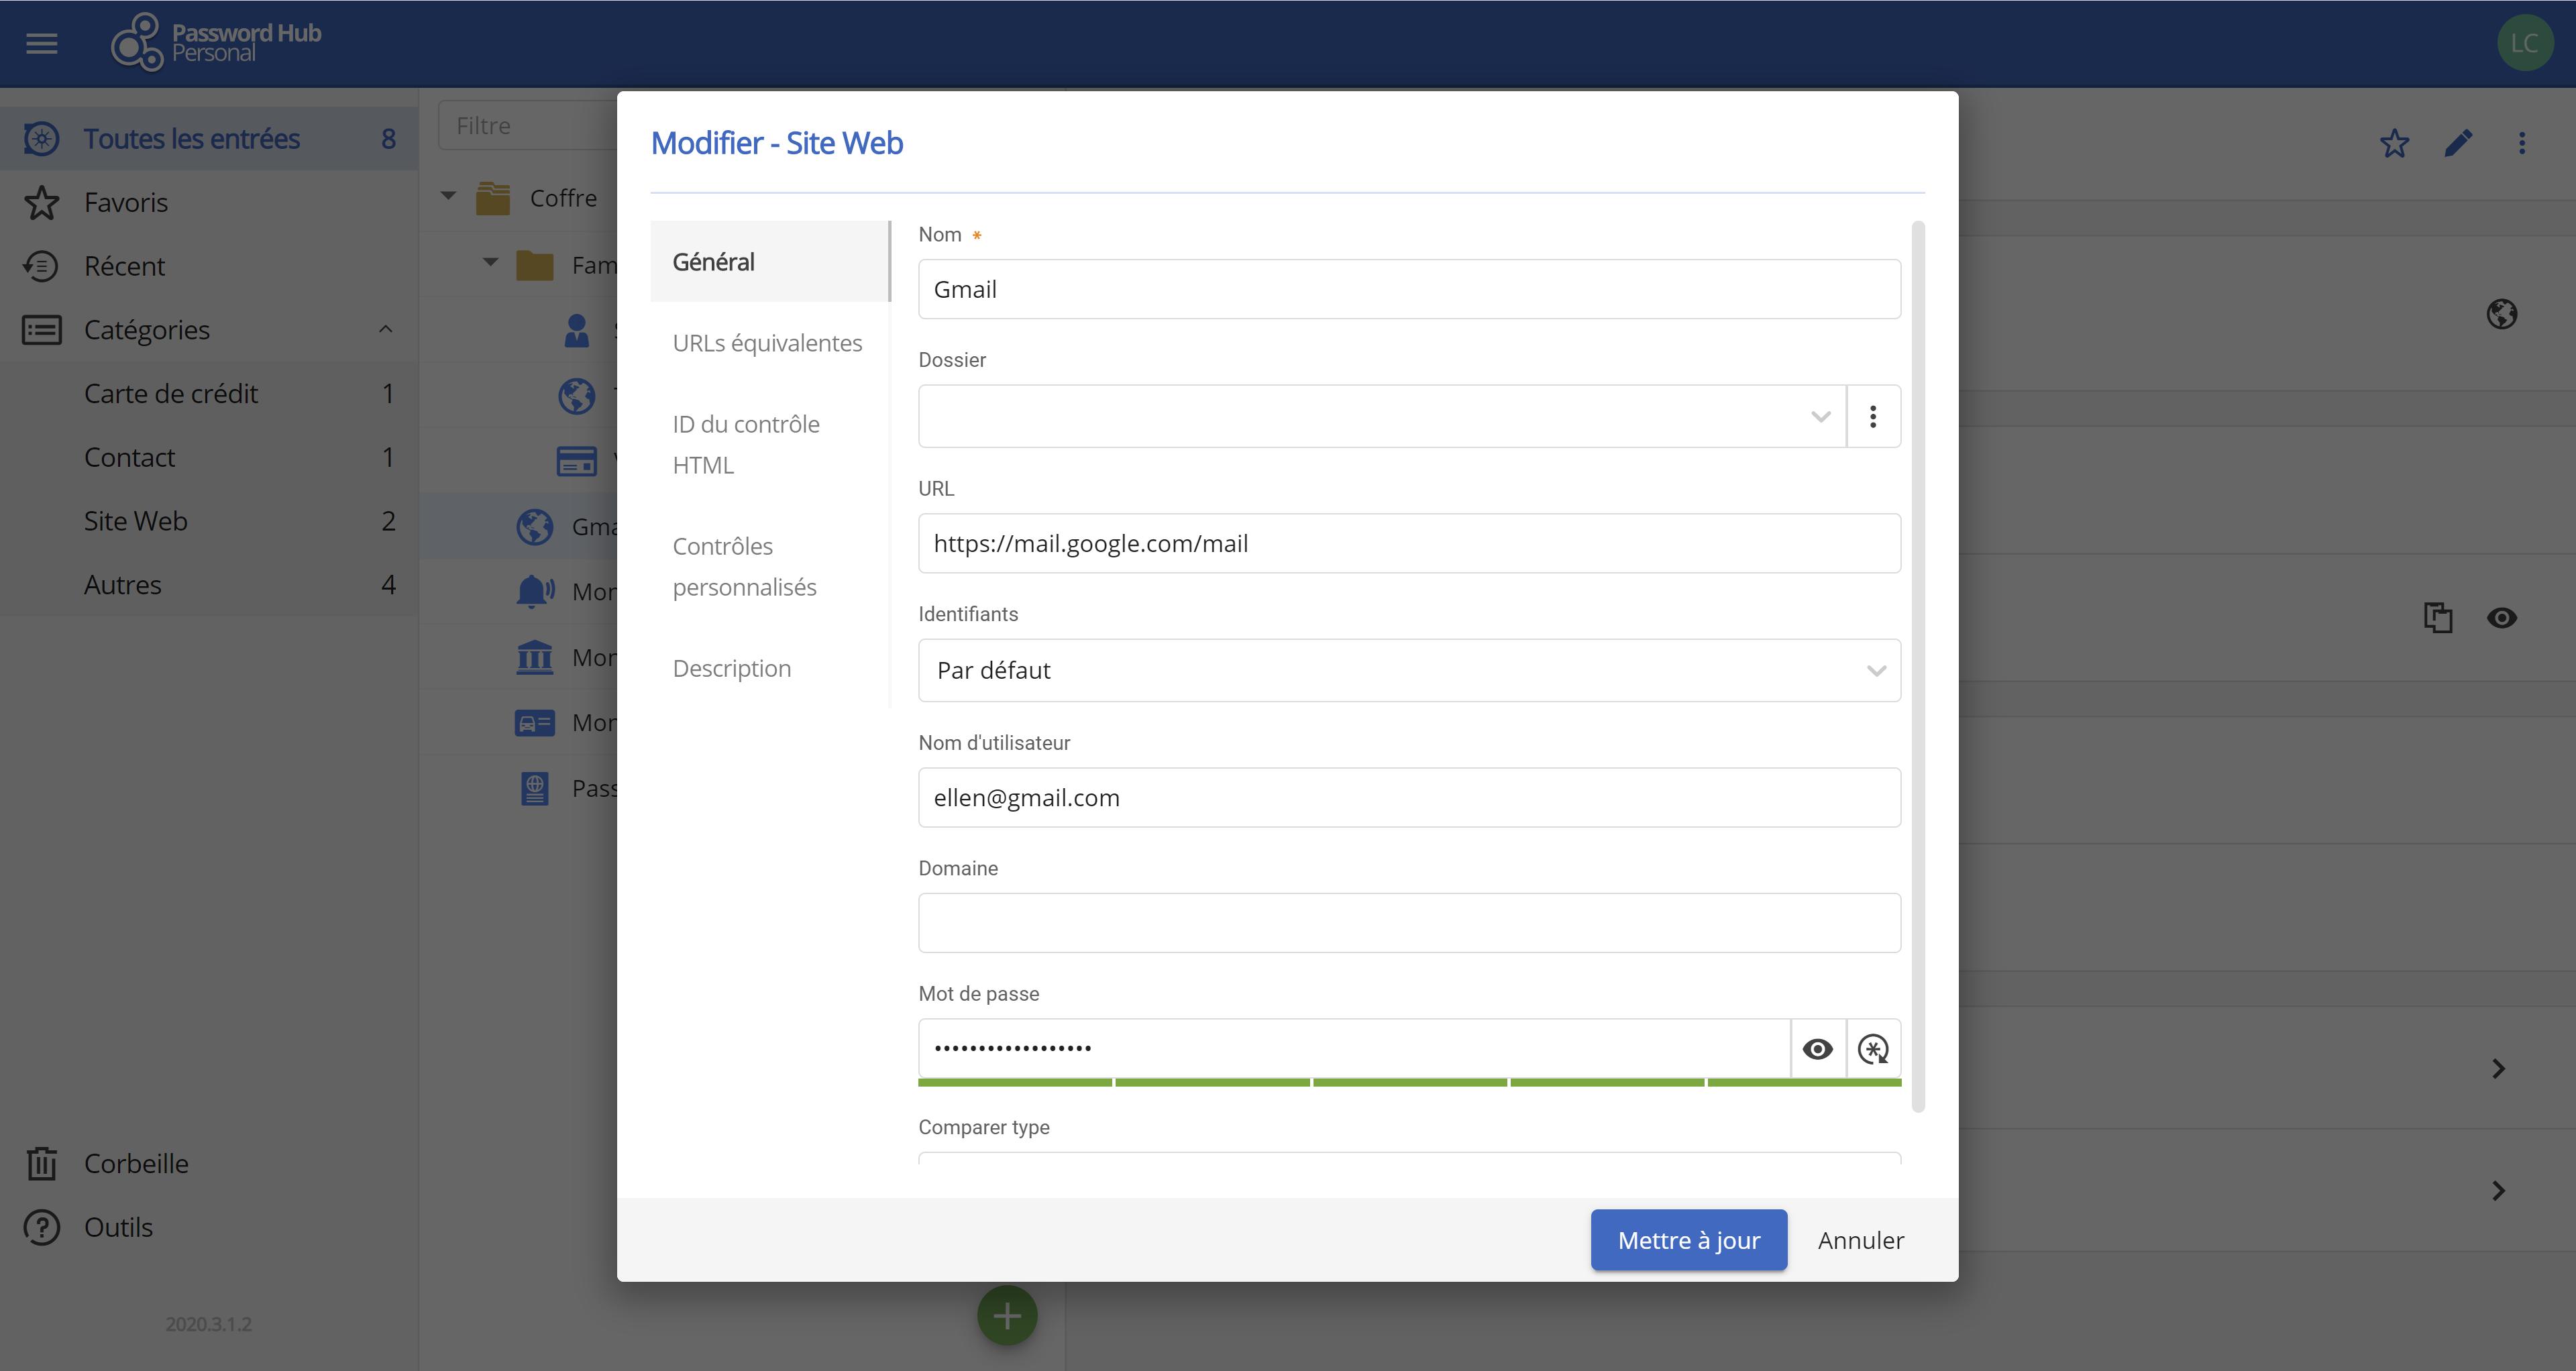 Modifiez facilement toutes vos entrées - Password Hub Personal